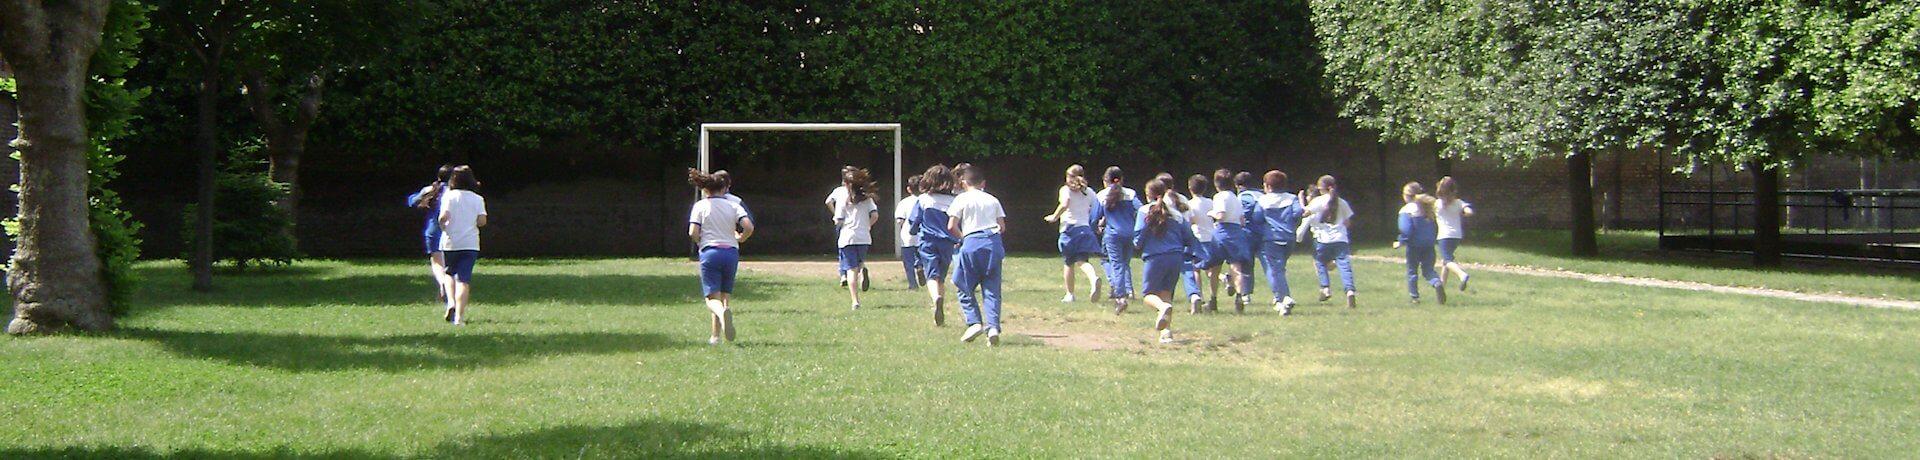 Istituto Sacro Cuore Roma Scuola Sacro Cuore - Bambini che corrono in giardino